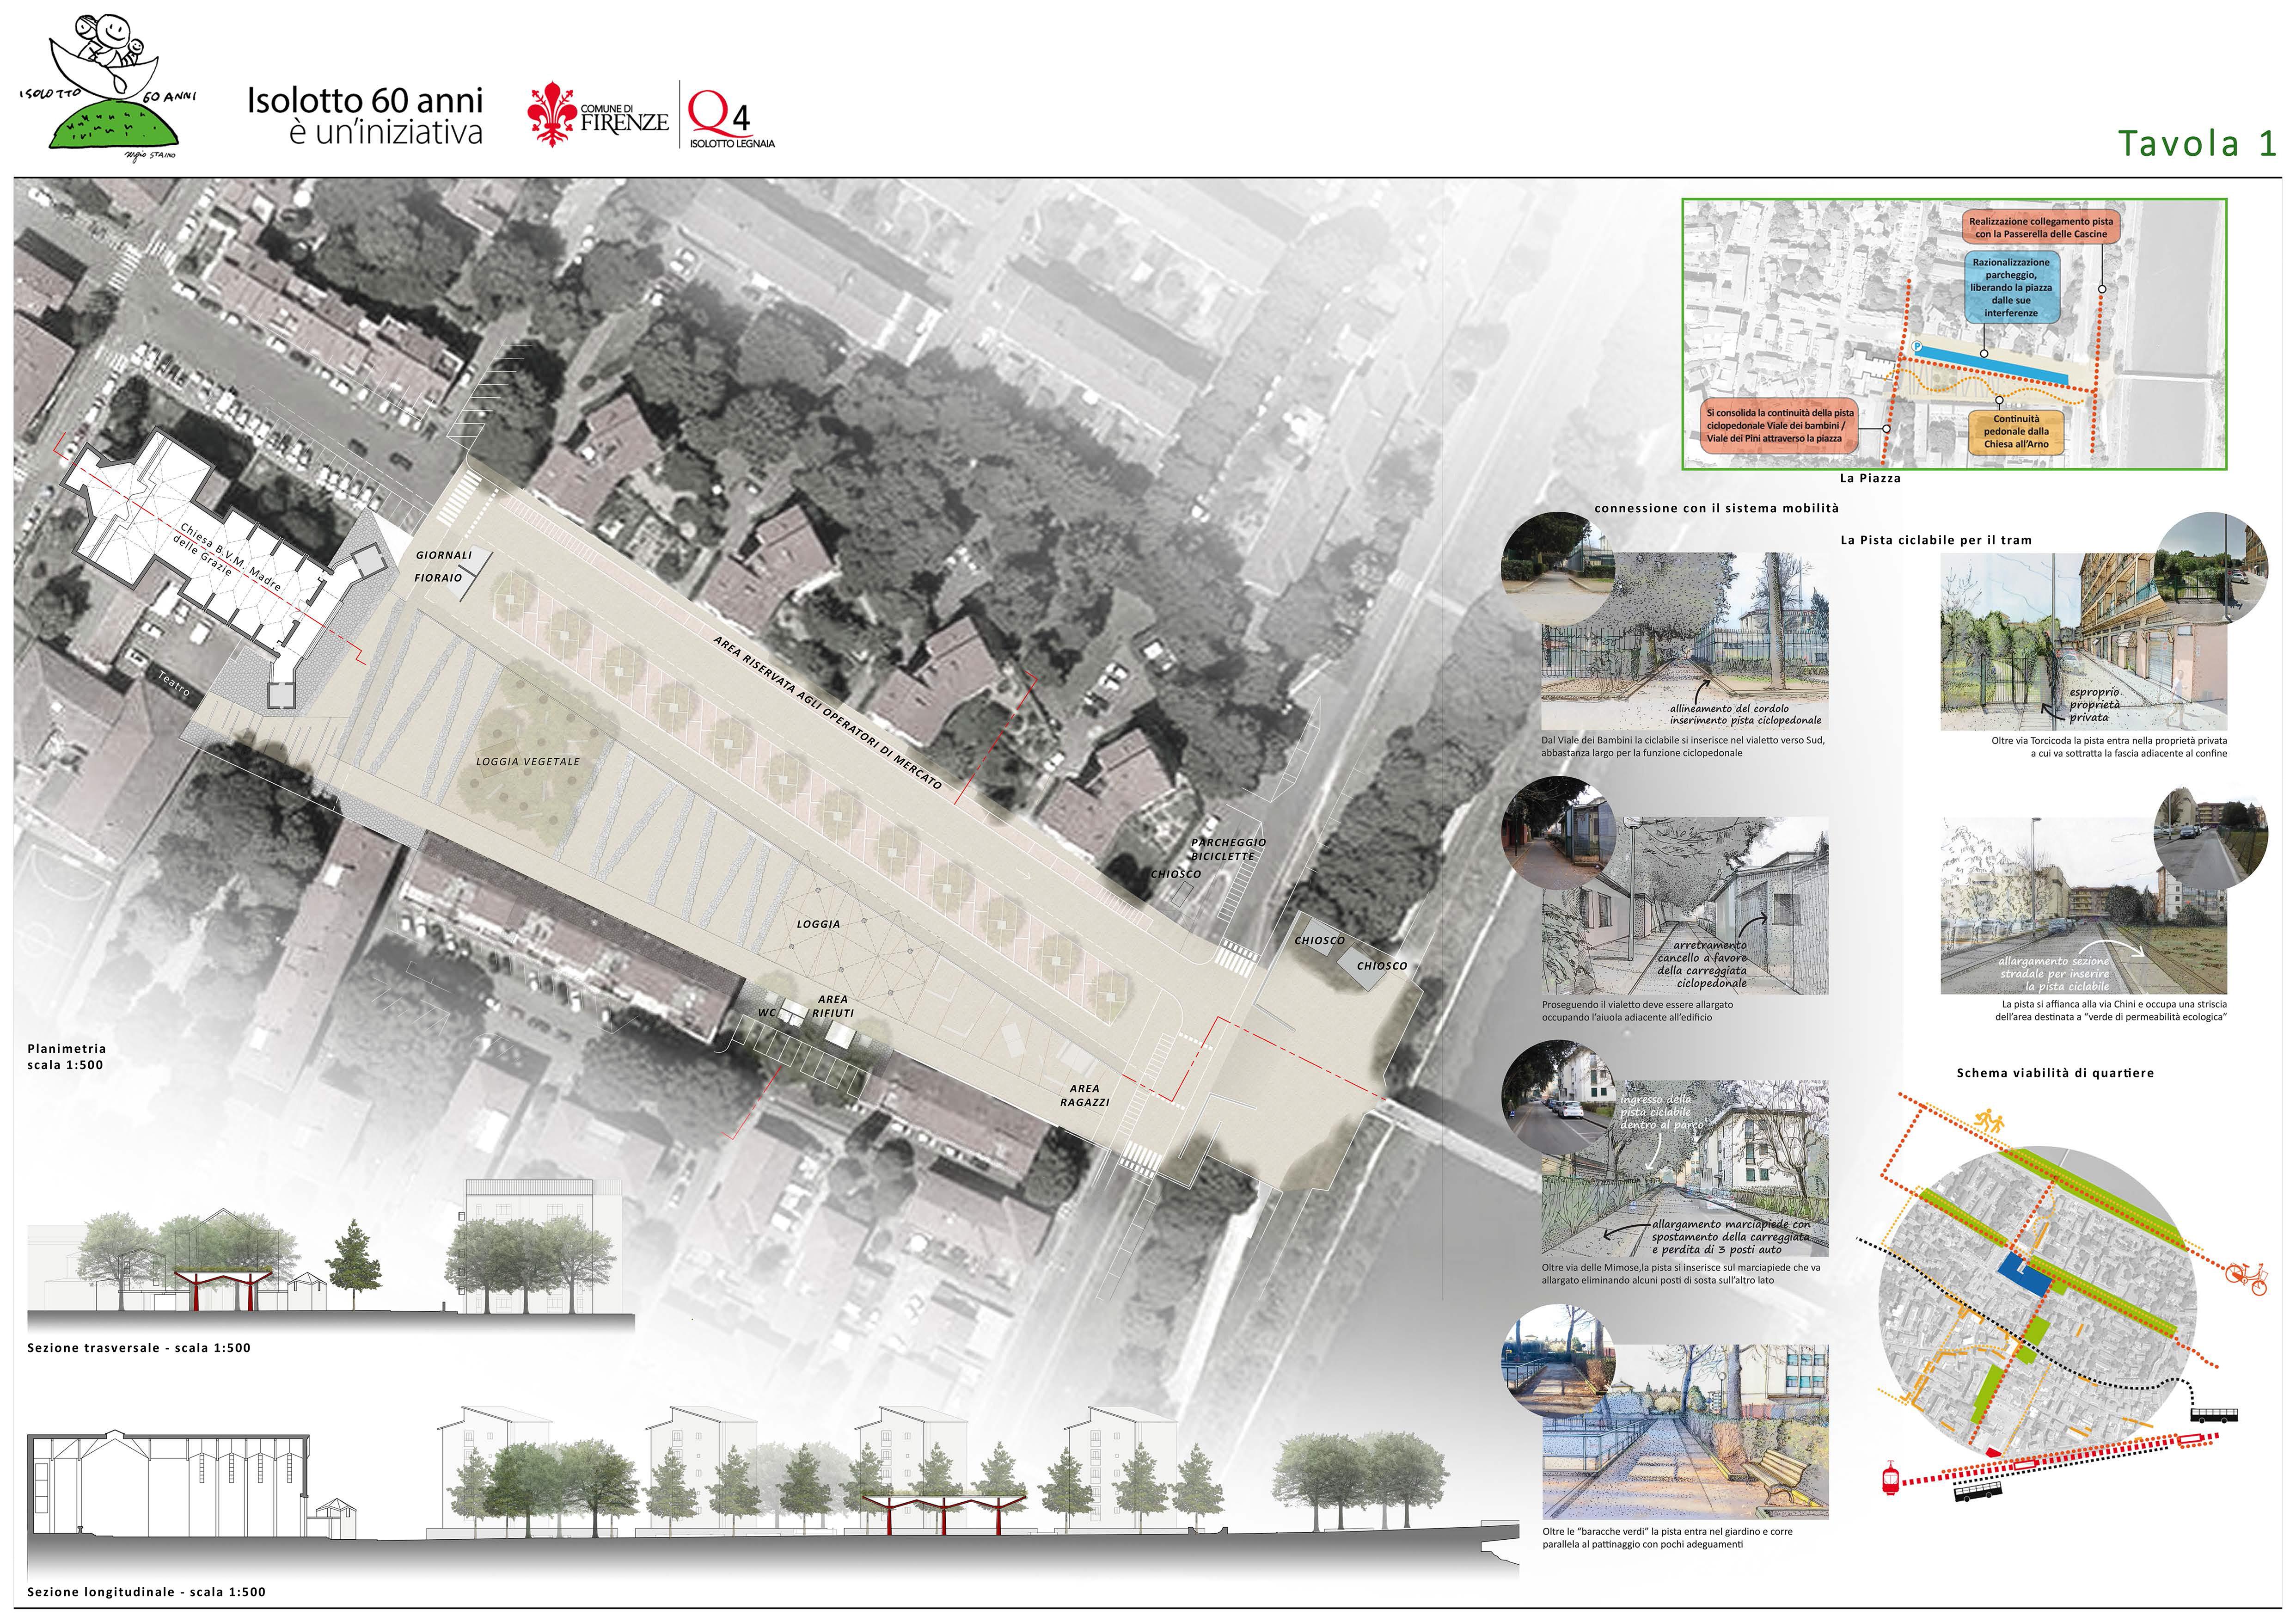 Piazza isolotto francesco barbagli architetto - Tavole di concorso architettura ...